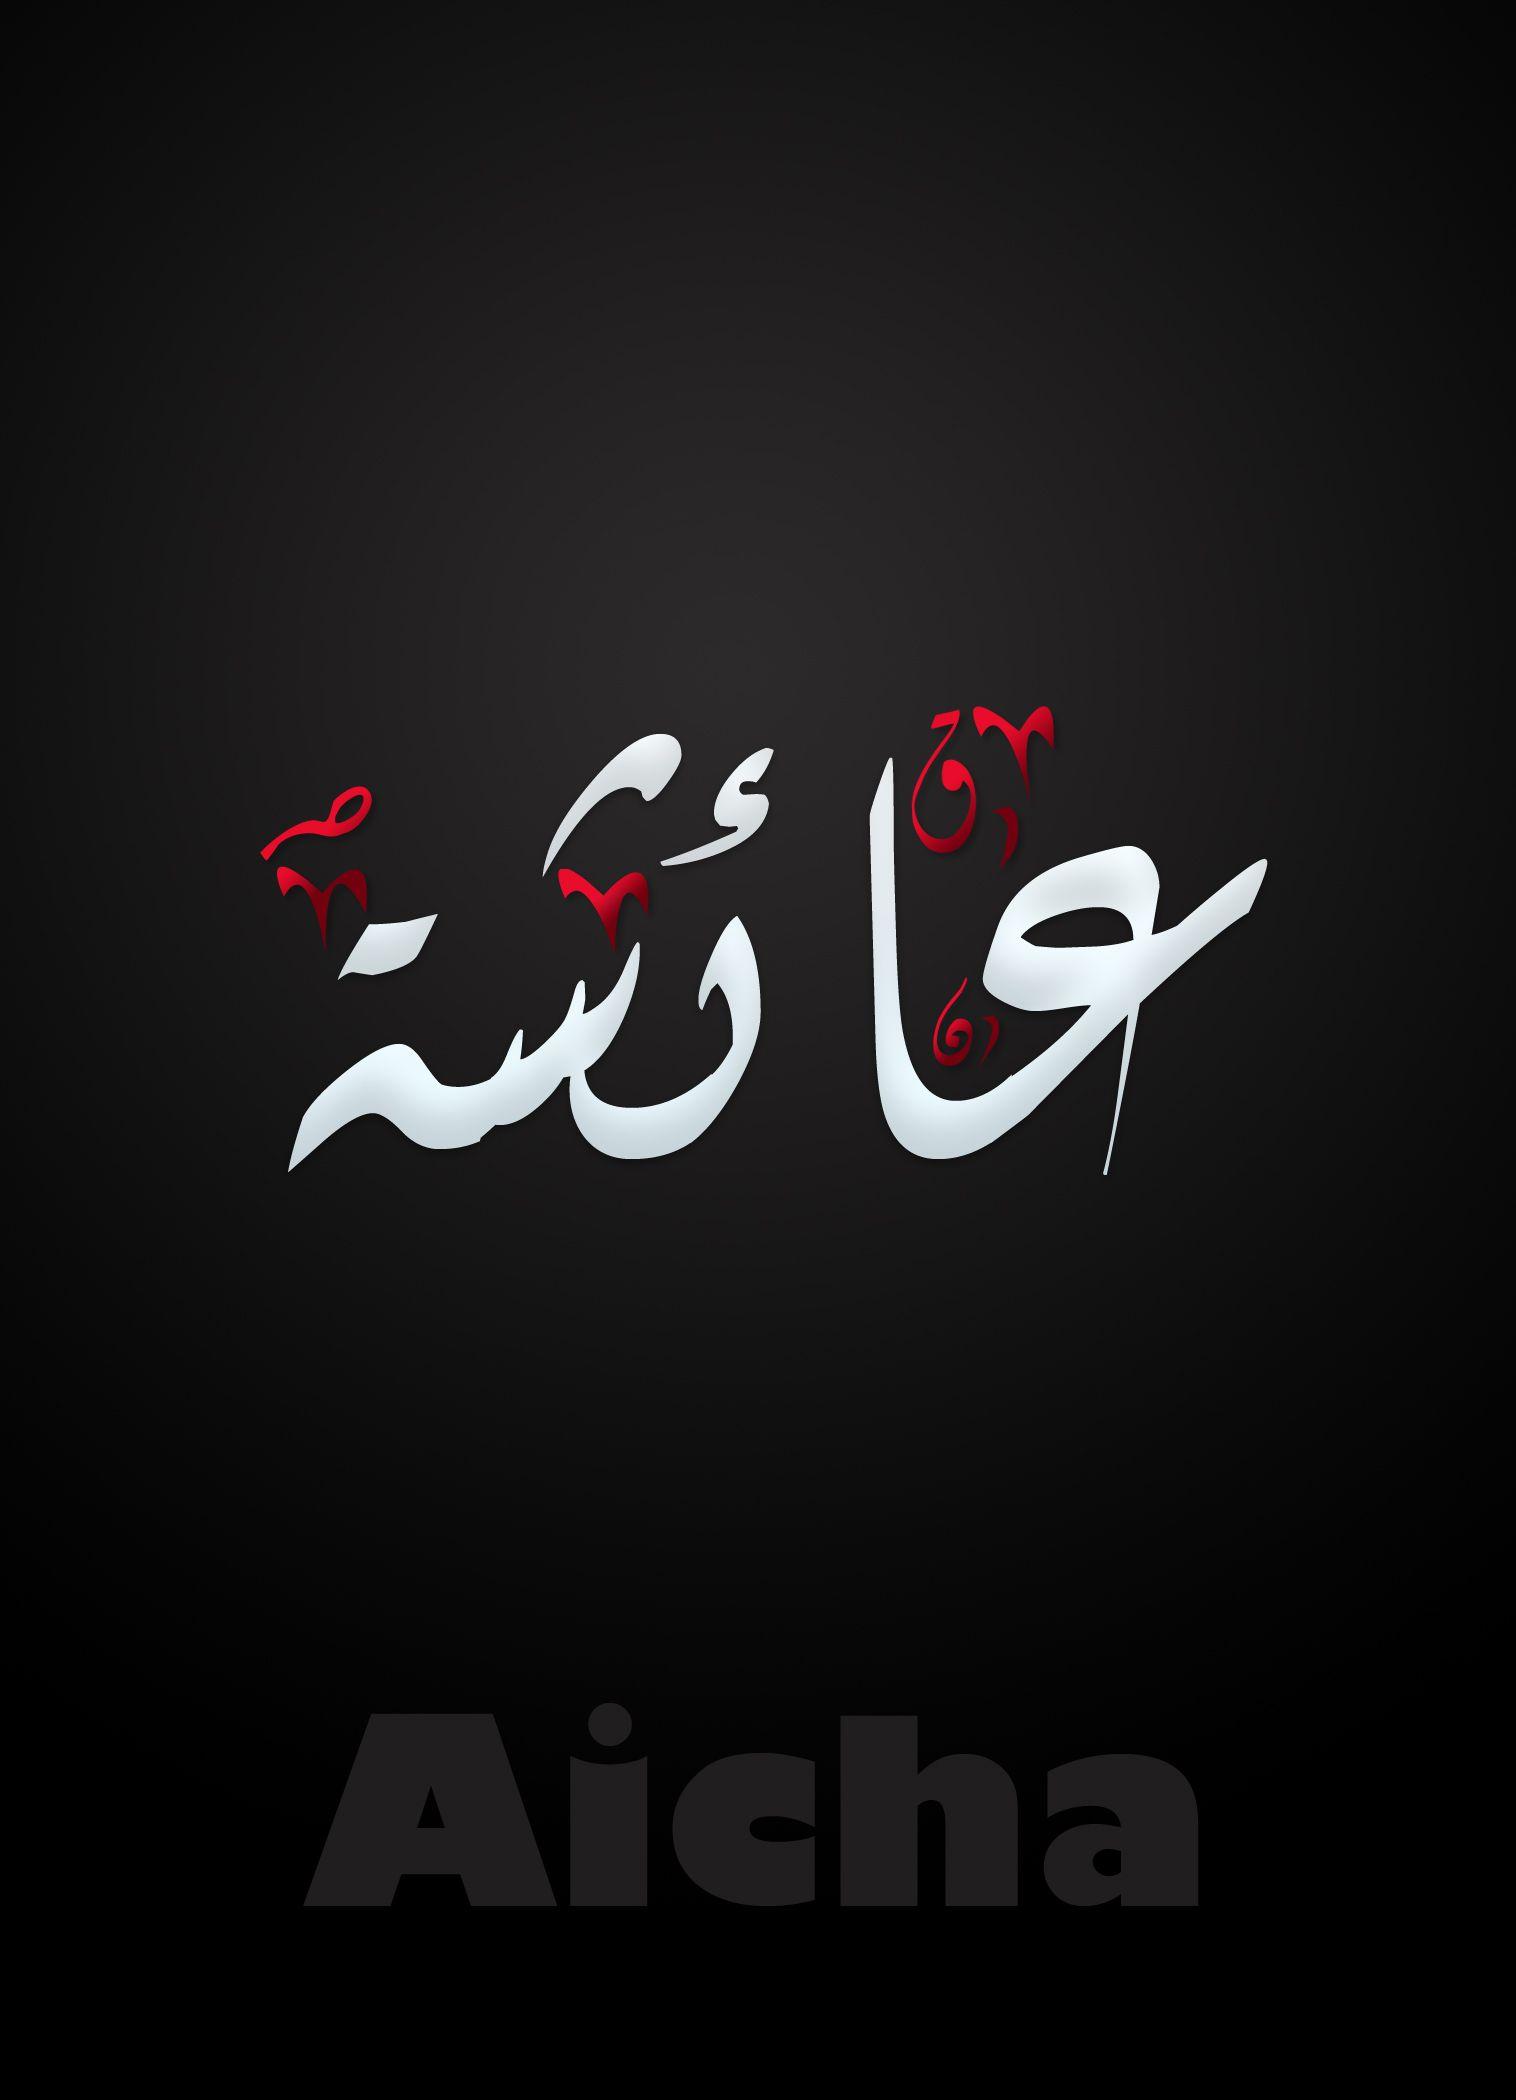 عائشة Aicha Alphabet Images Calligraphy Logo Islamic Calligraphy Painting